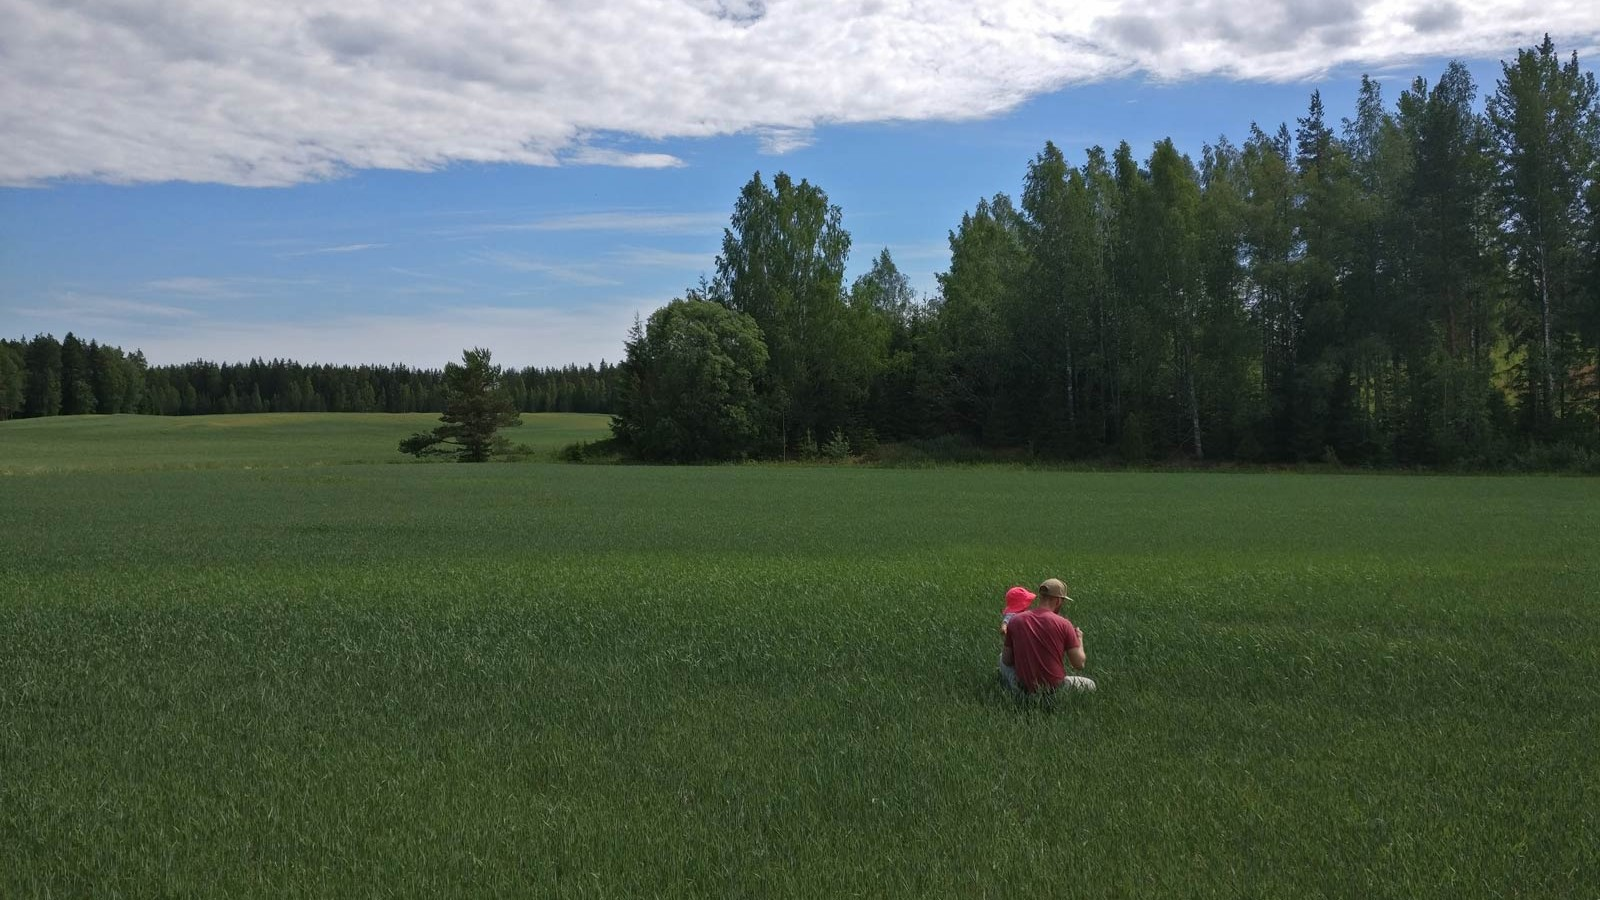 Marttilan Tilan isäntä ja tytär tarkastelemassa kasvua